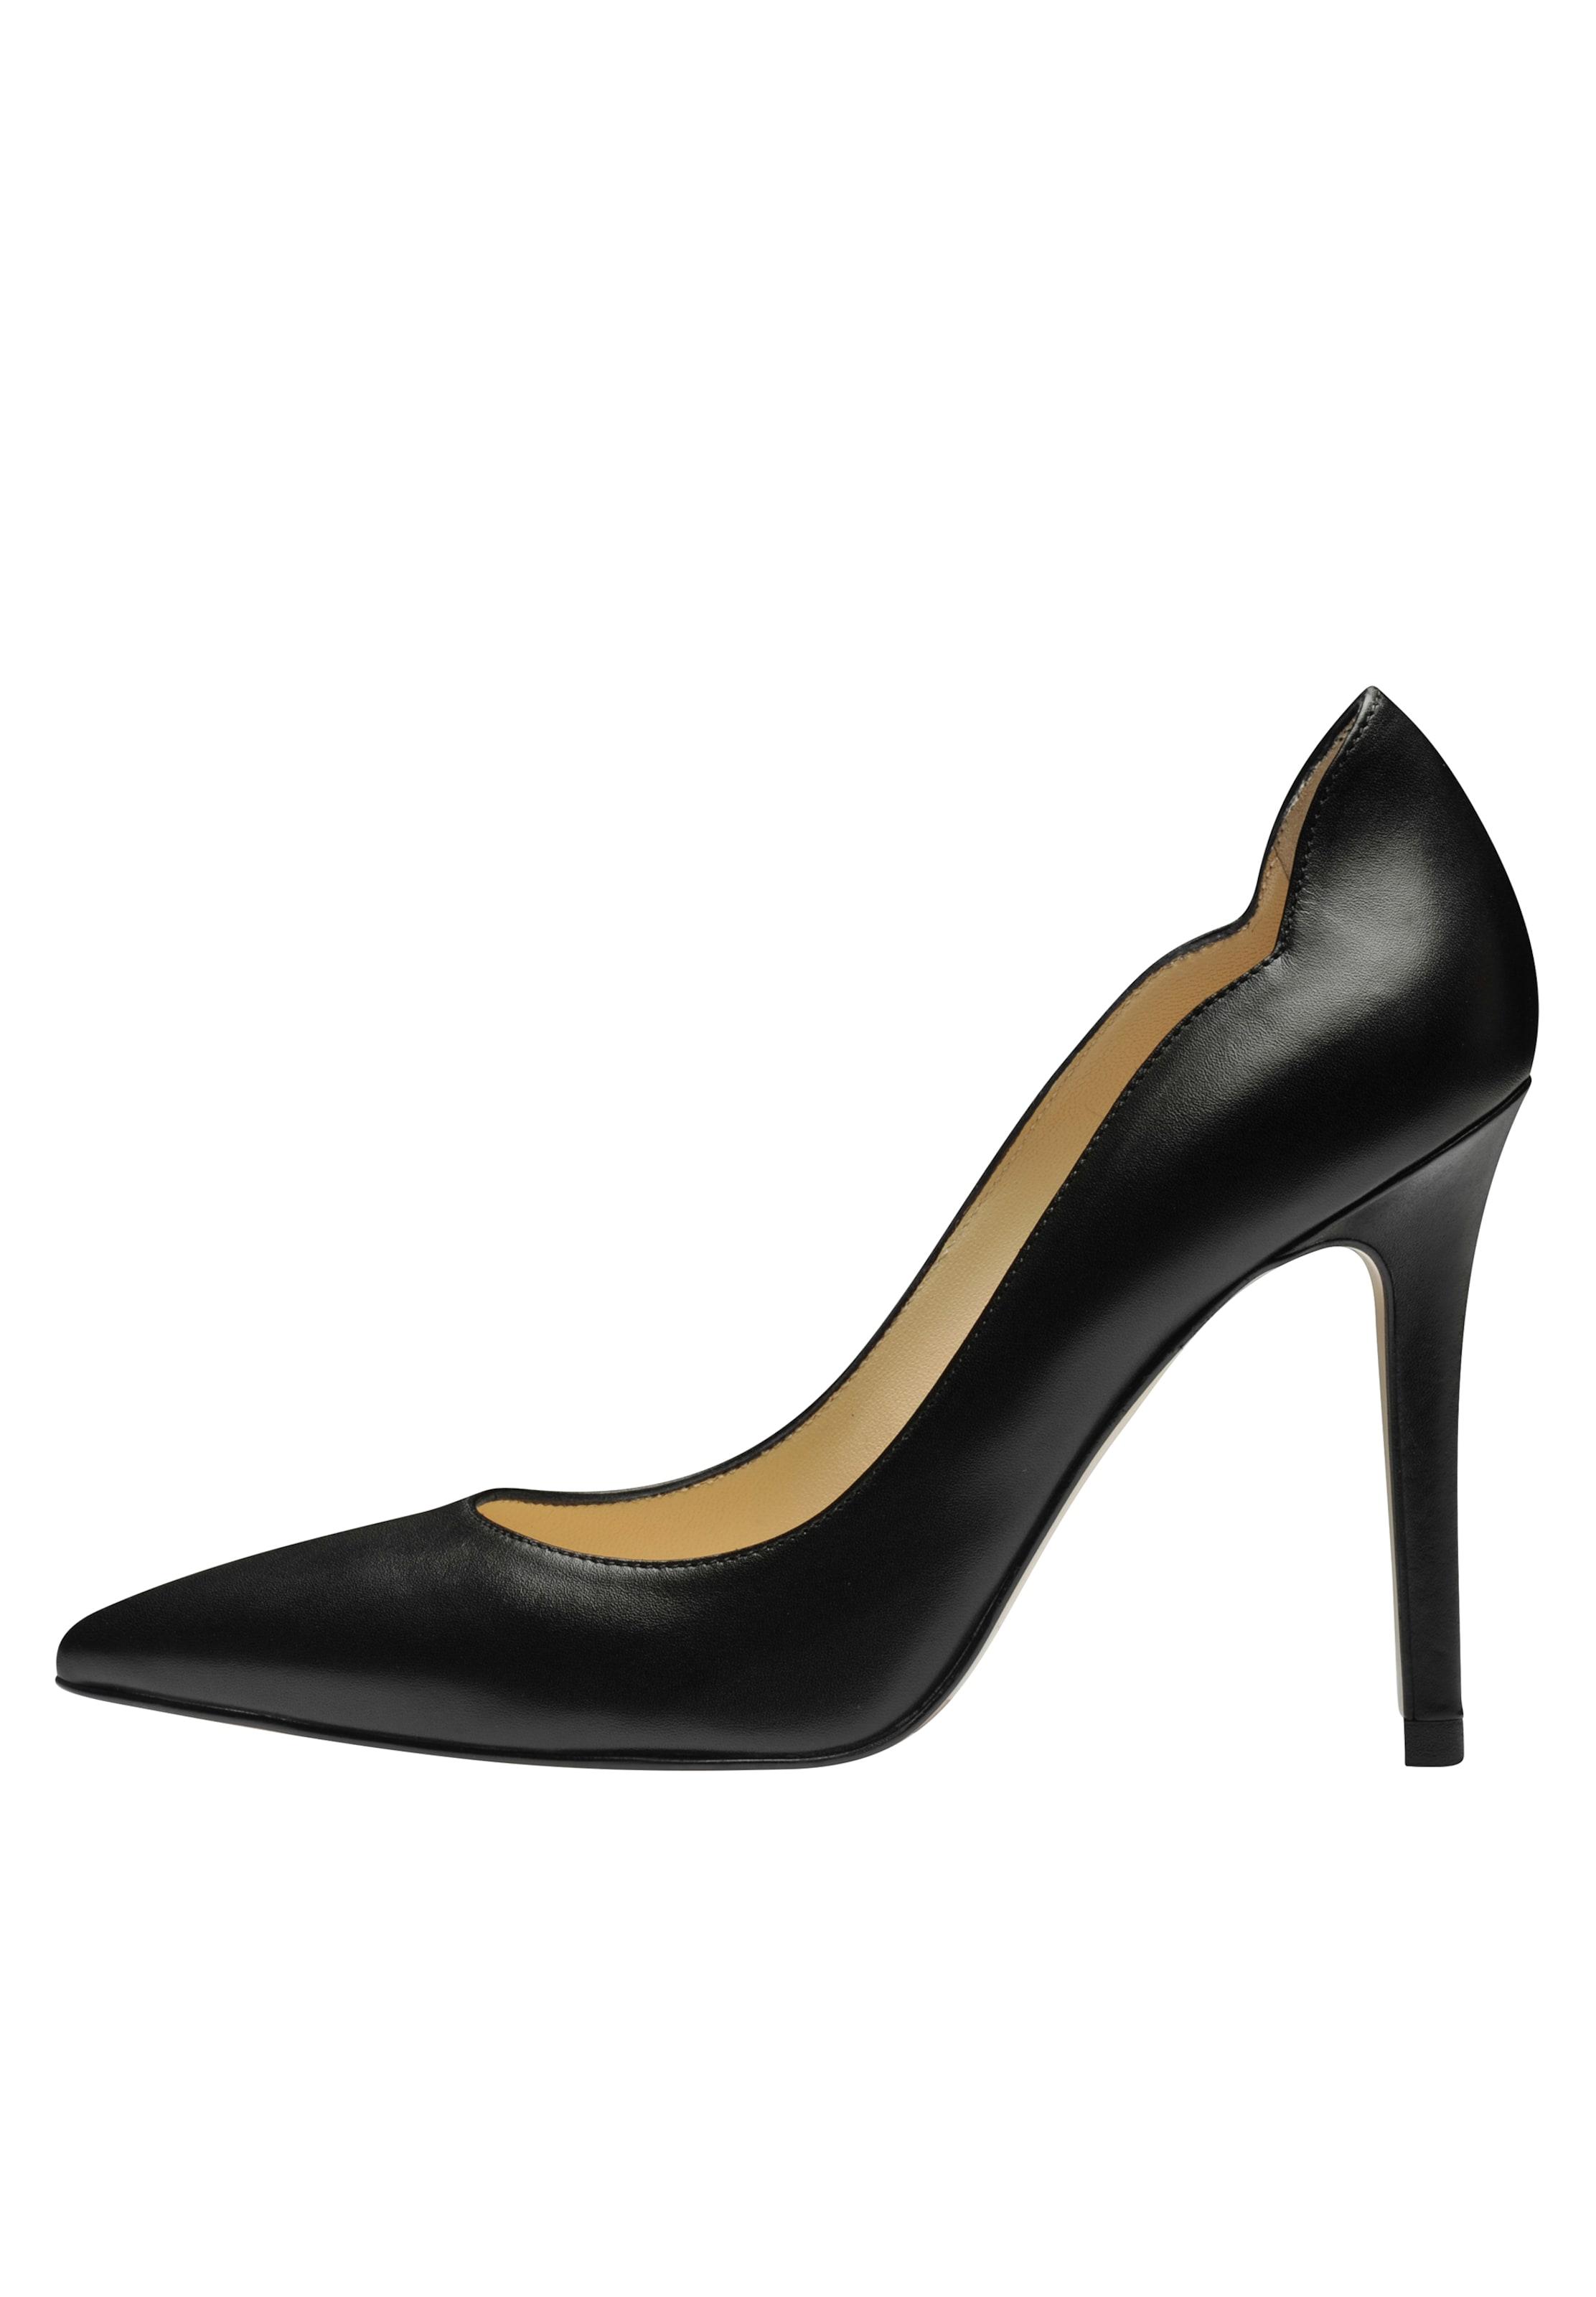 Evita En Escarpins Noir Noir Evita Escarpins En vIfgYb6y7